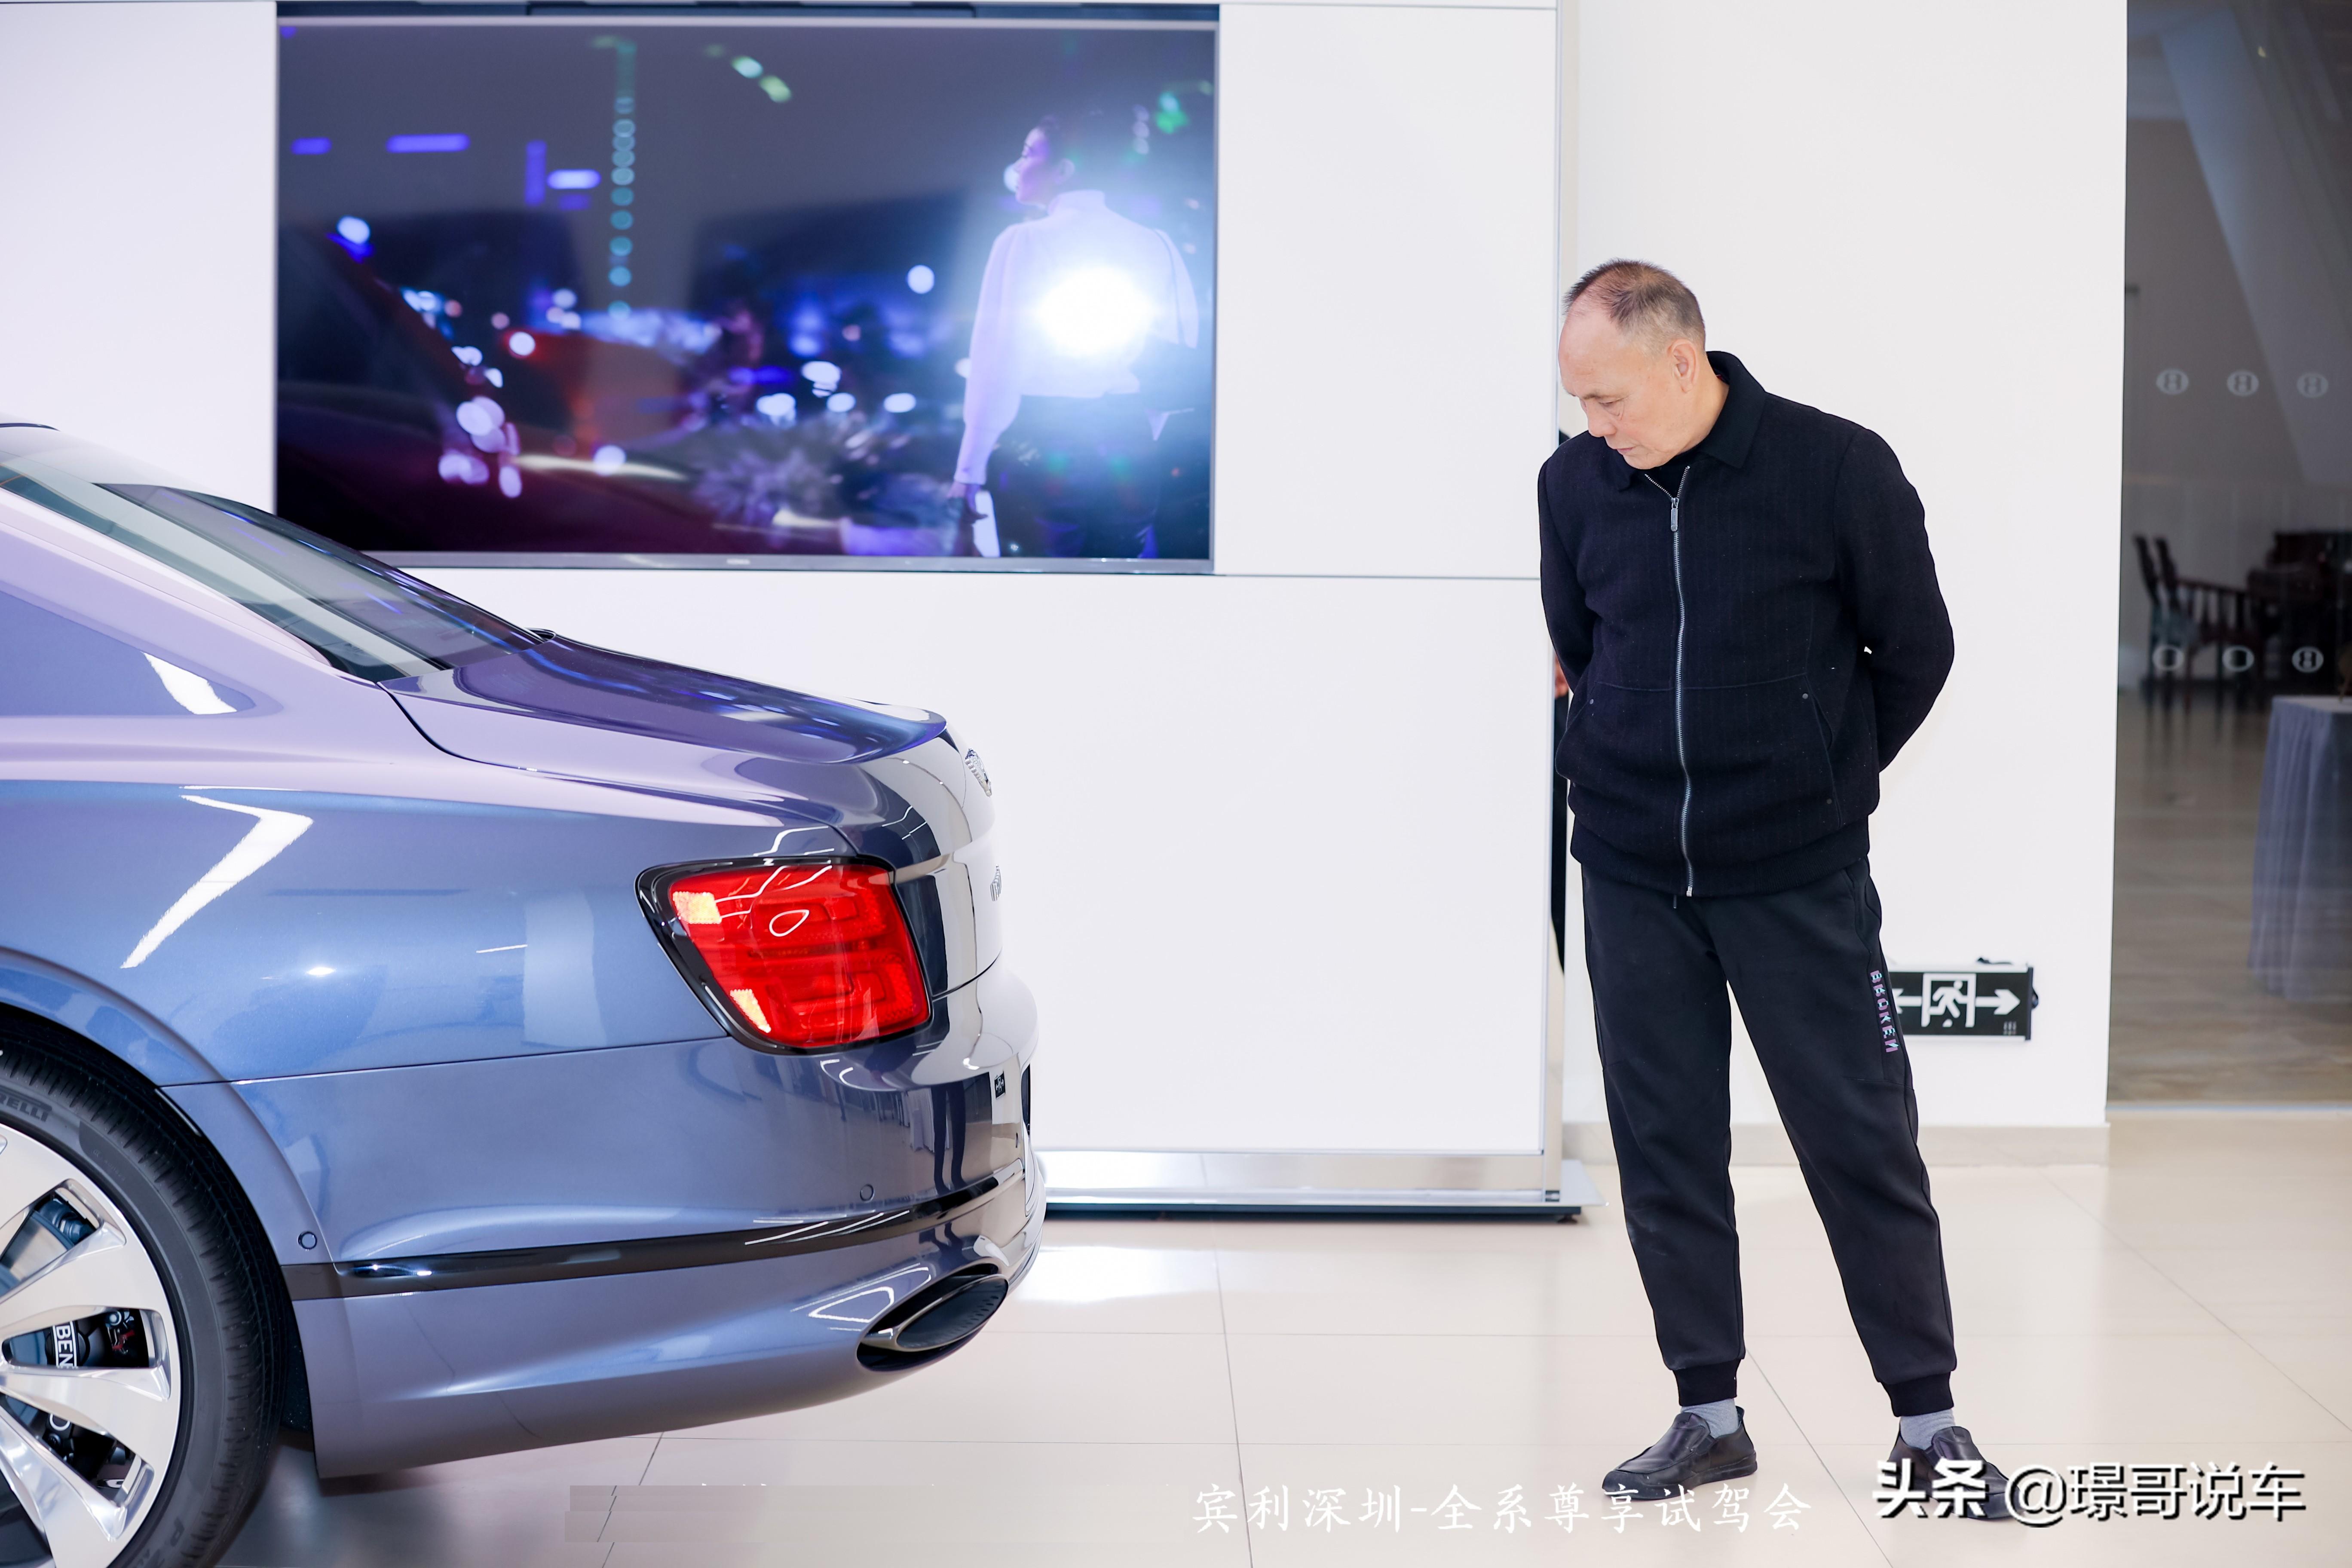 W12与V8的区别?宾利演绎非凡驾乘感受与高性能的平衡艺术